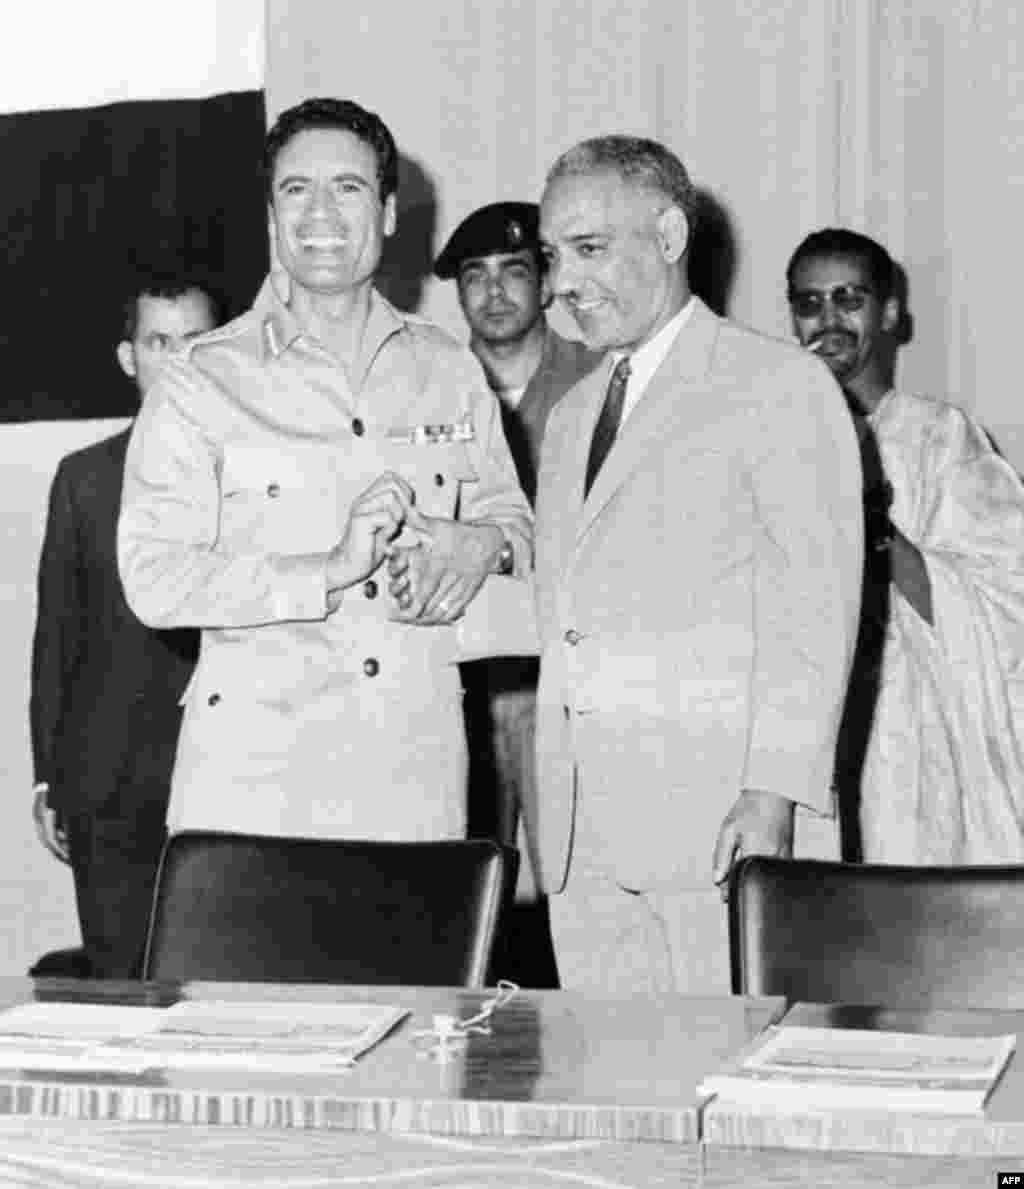 Муаммар Каддафи (слева) жмет руку президенту Мавритании Мохтар ульд Даддаму в Триполи. 1969 год